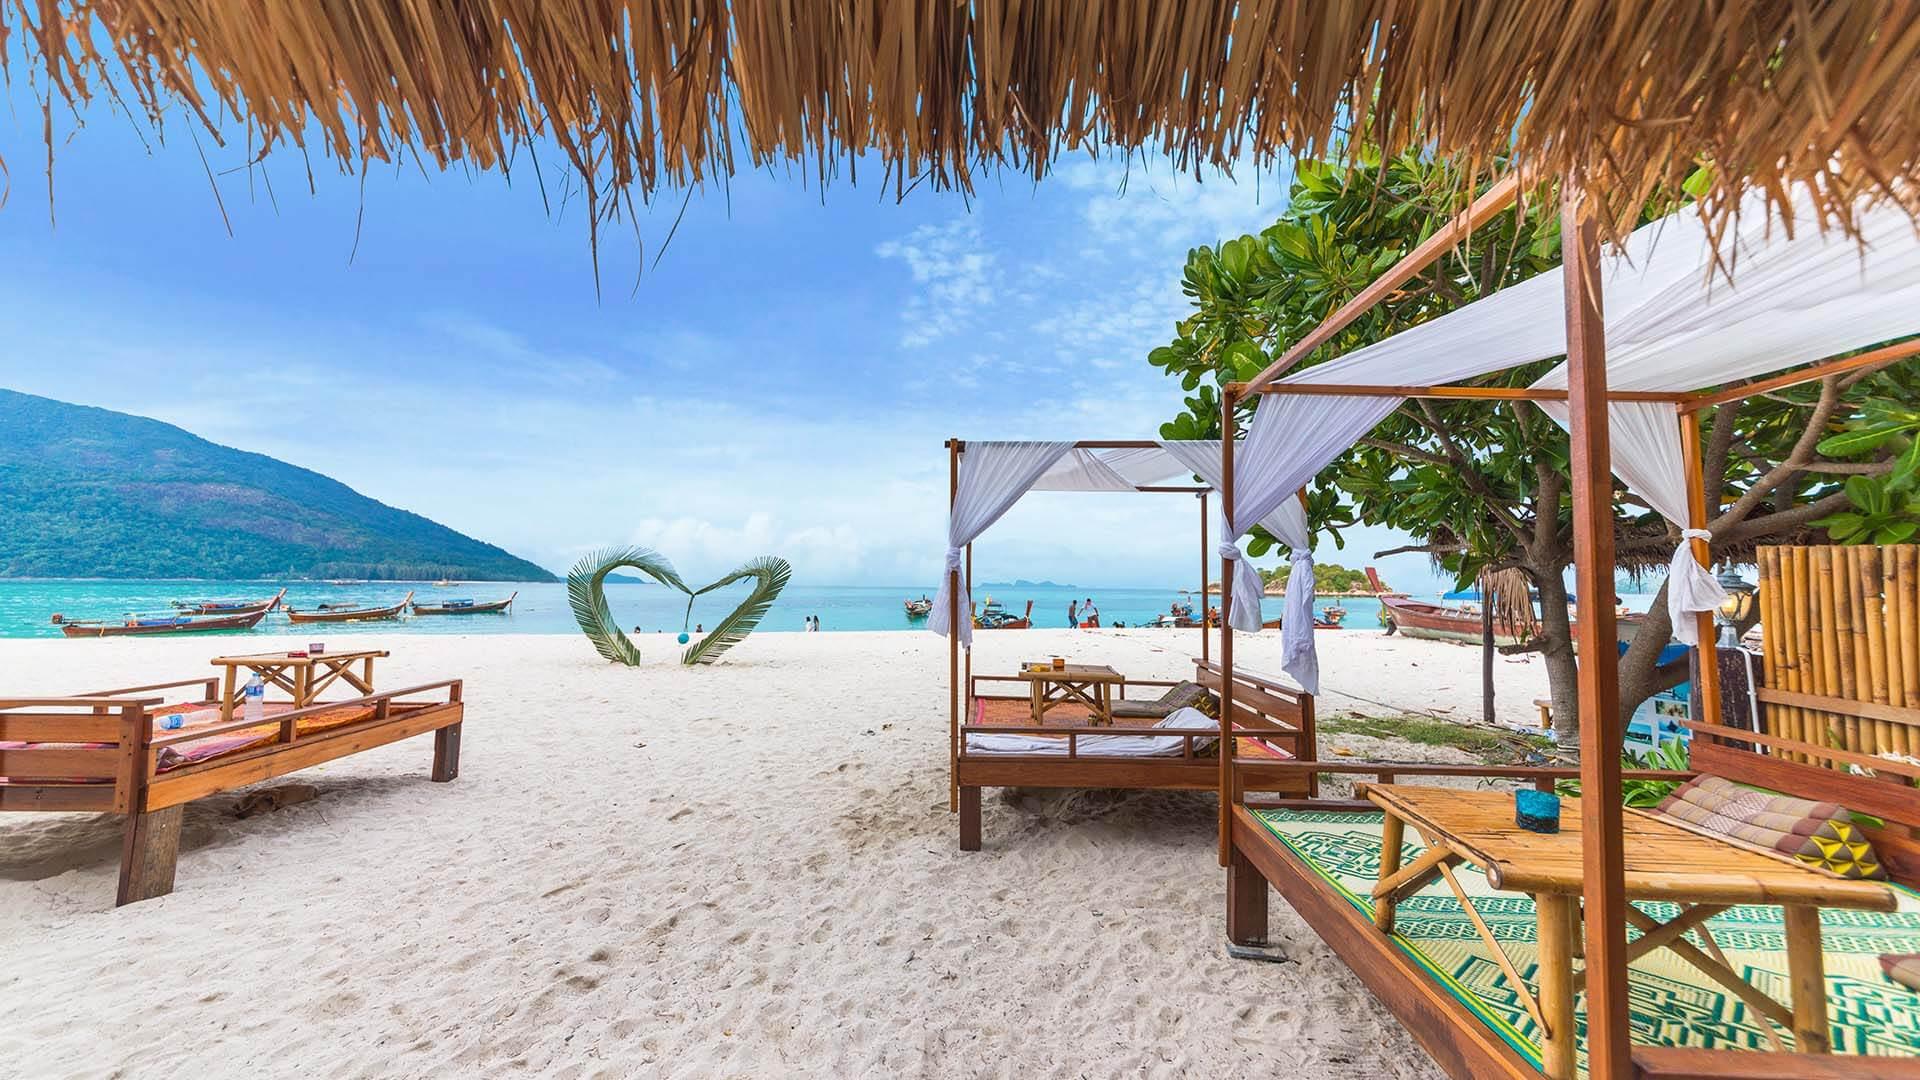 زیباترین هتل های ساحلی تایلند